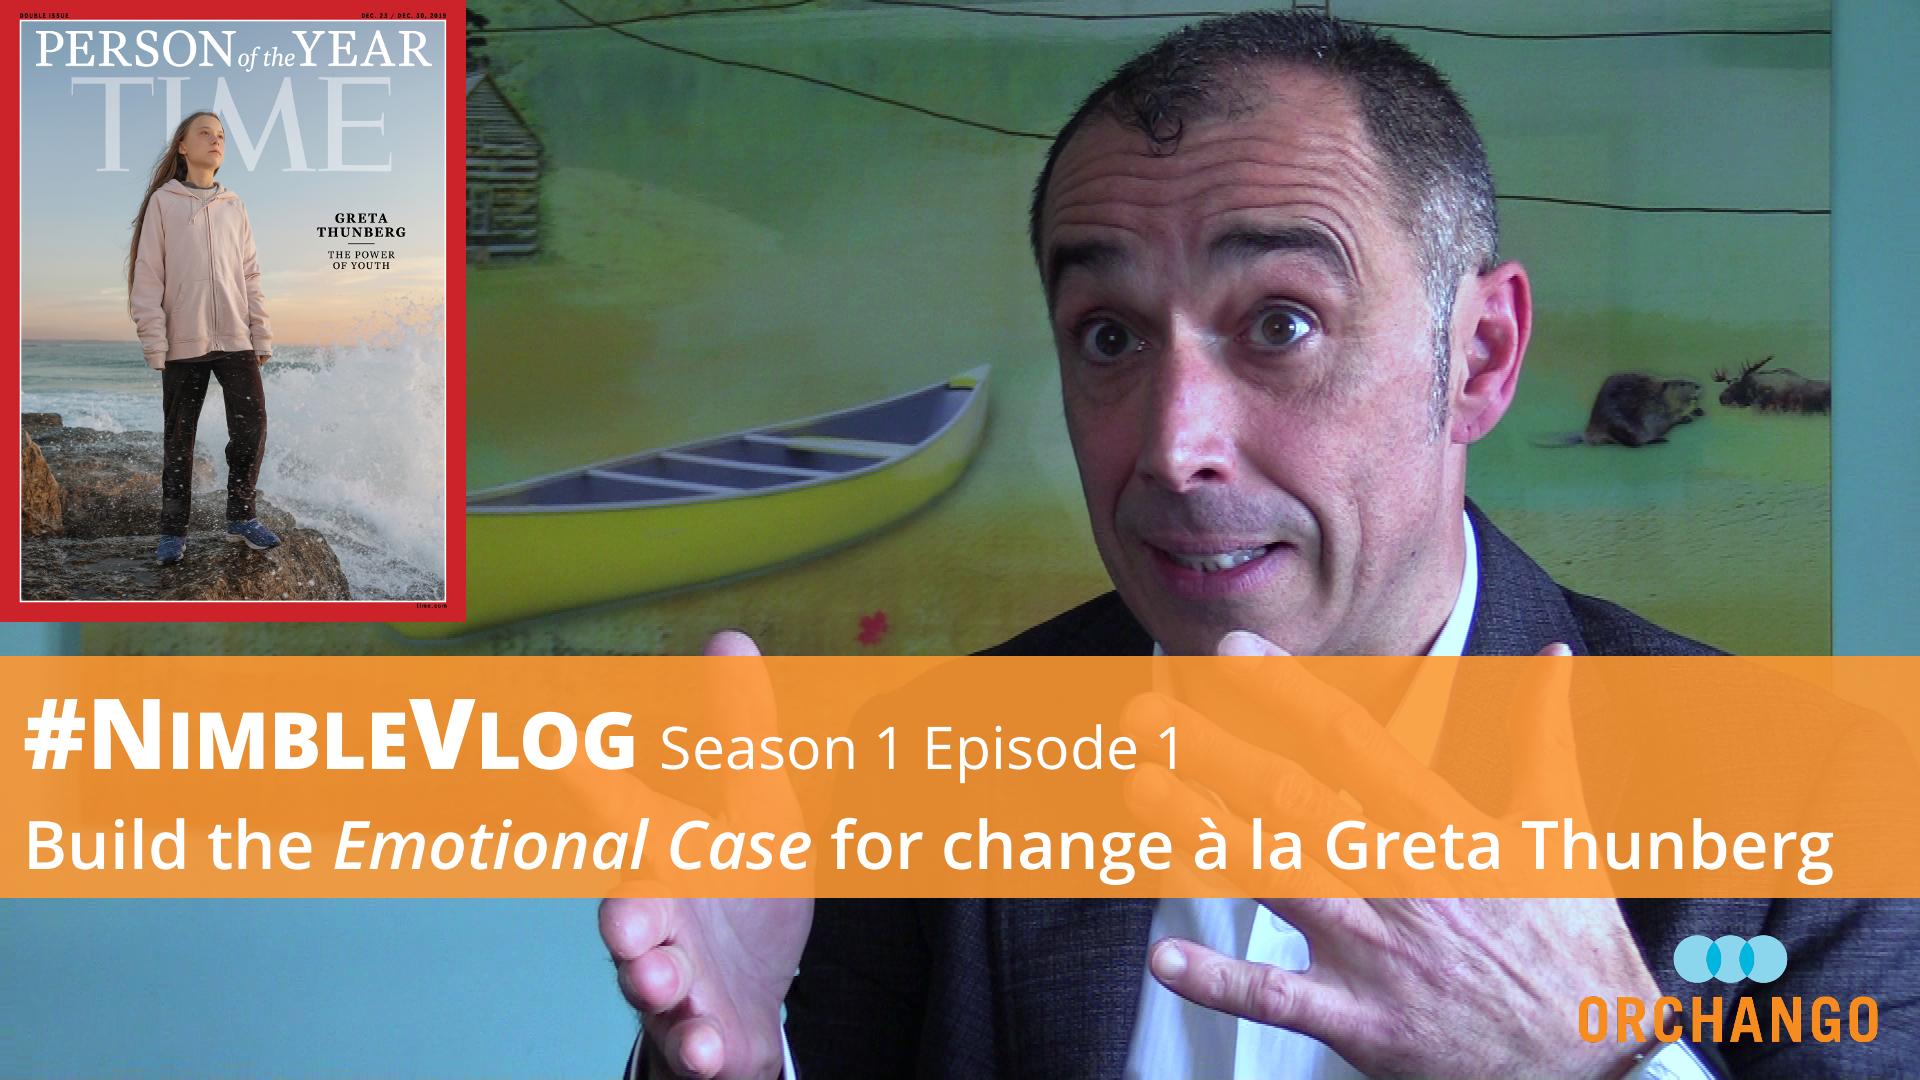 Thumbnail #NimbleVlog S01 E01